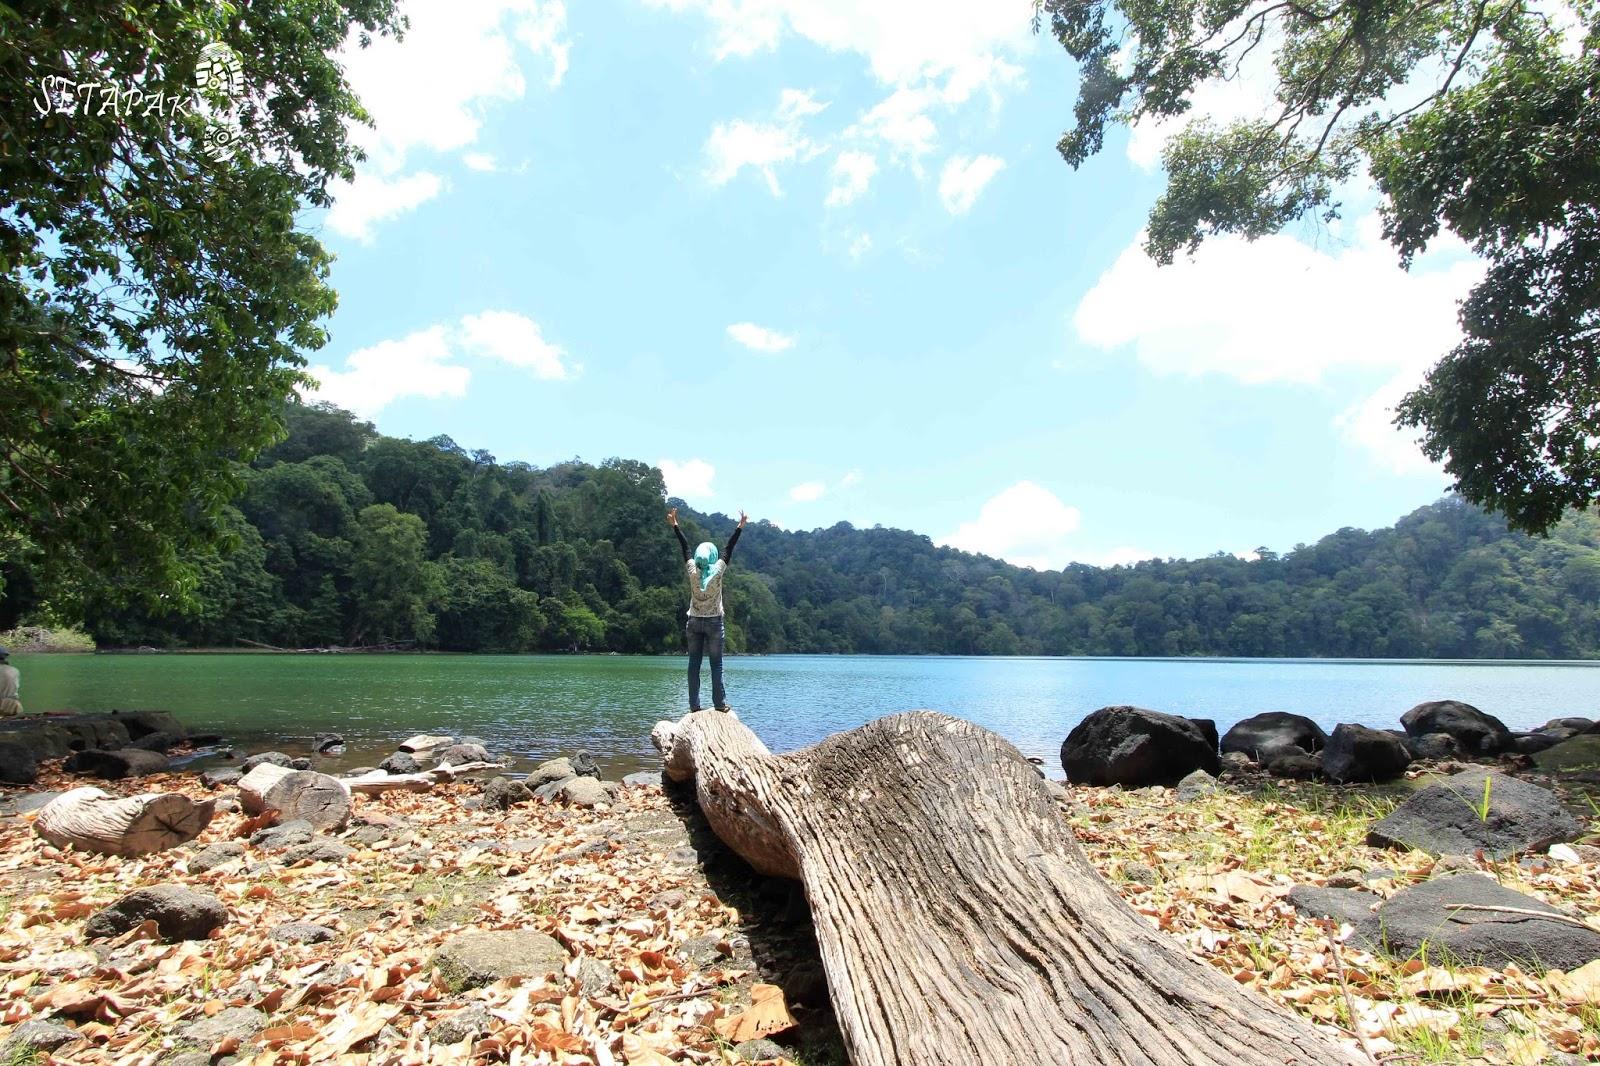 Setapak Kecil Pulau Bawean Sebuah Cagar Alam Menakjubkan 1 Pukul